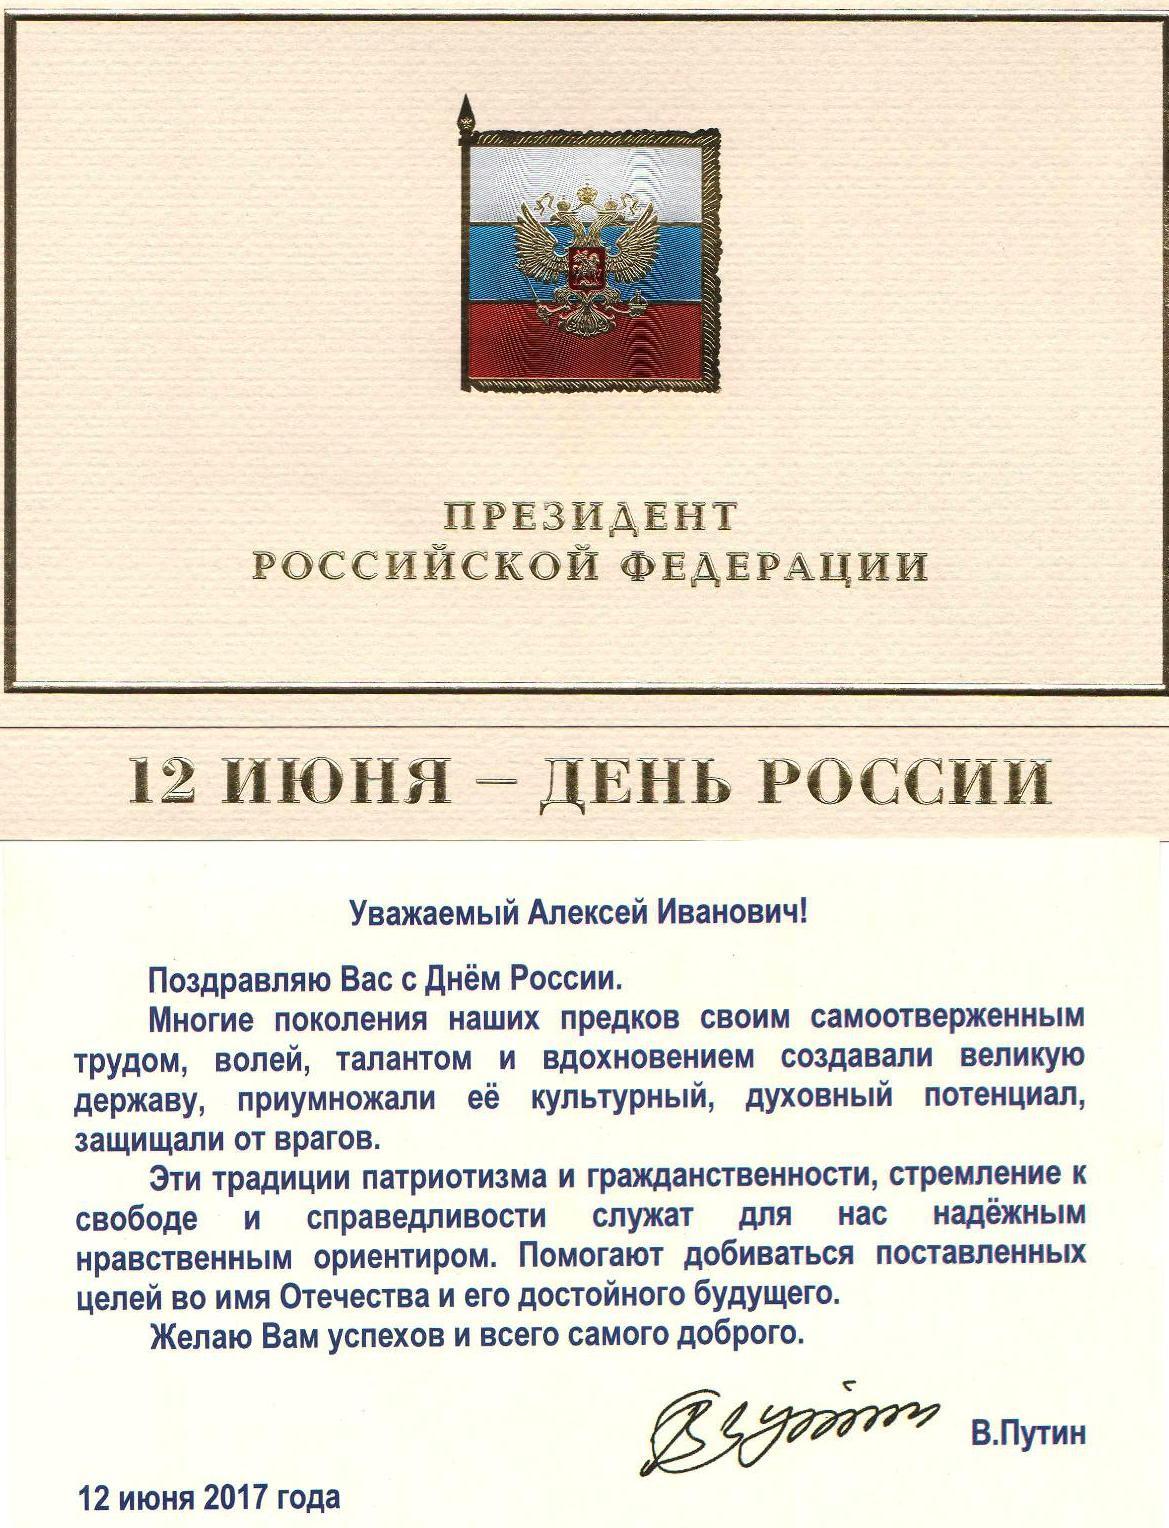 Поздравления с день россии от президента 162